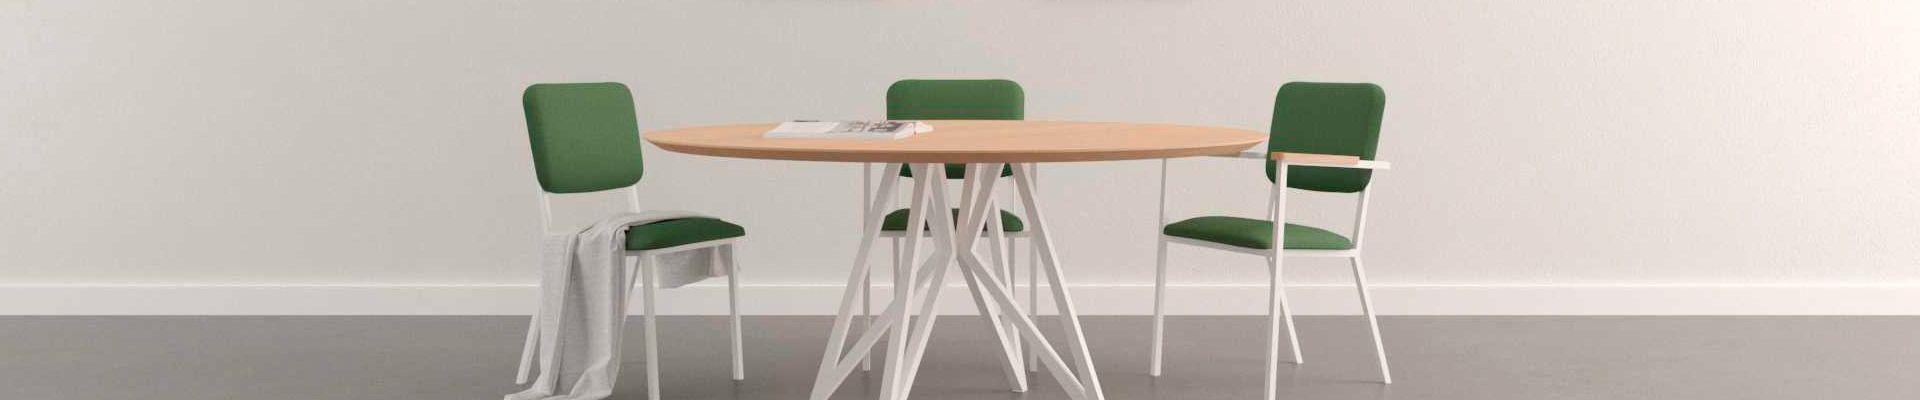 Studio HENK tafels